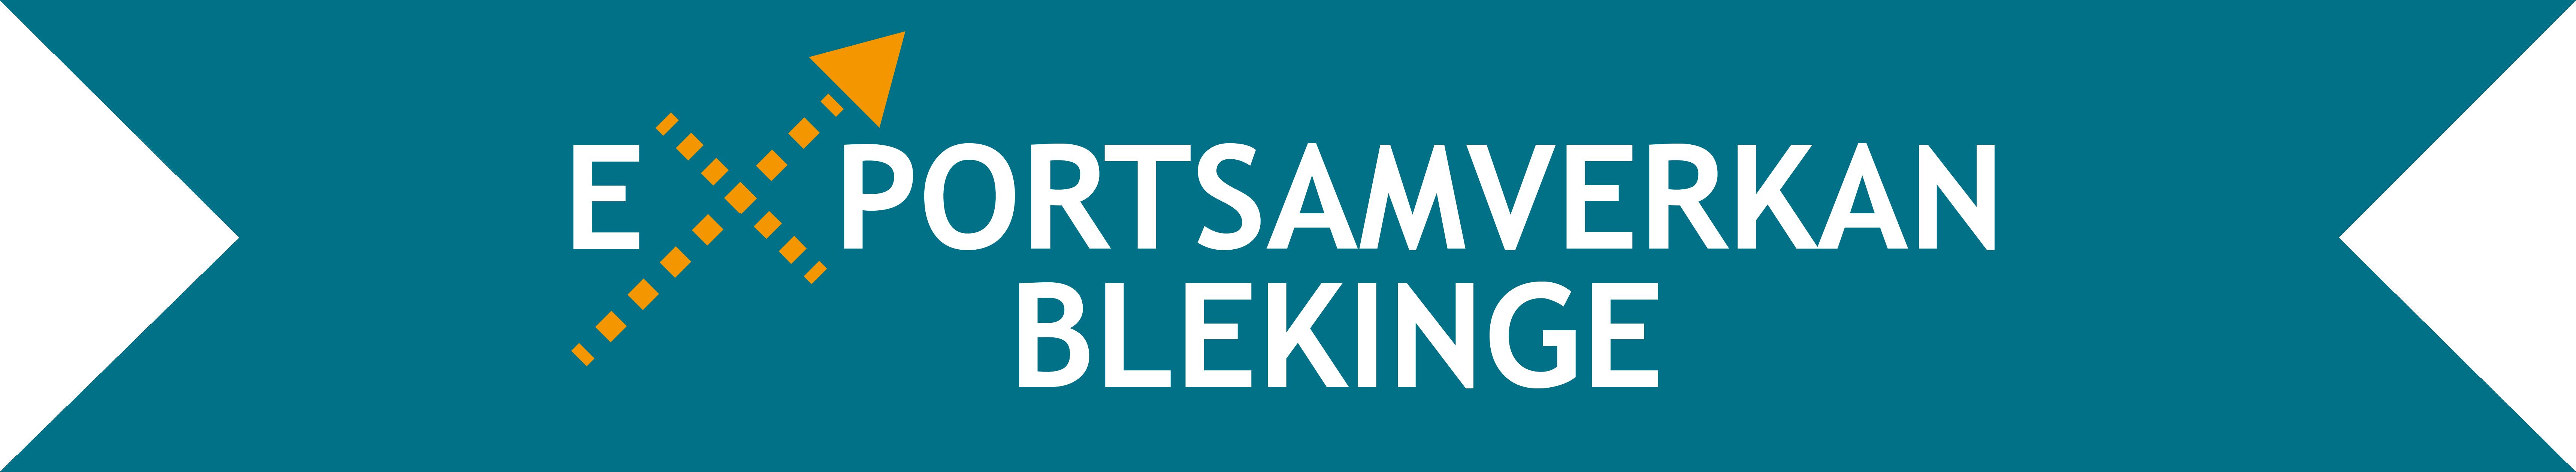 Exportsamverkan Blekinge logotyp